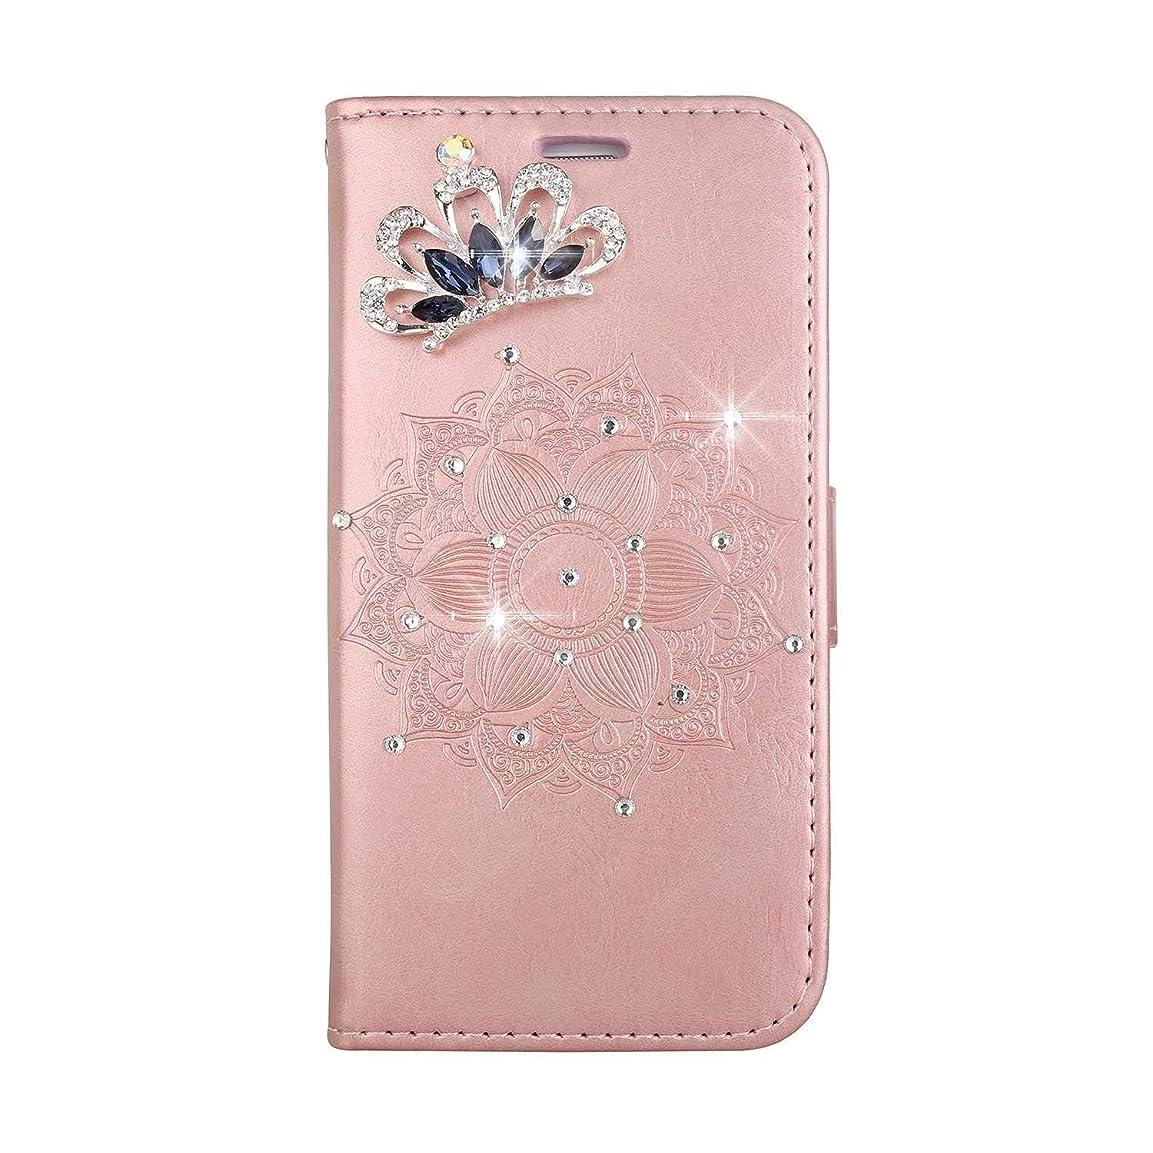 見習いカヌーキルトOMATENTI Galaxy A5 2017 ケース, ファッション人気ダイヤモンドの輝きエンボスパターン PUレザー 落下防止 財布型カバー 付きカードホルダー Galaxy A5 2017 用,ピンク